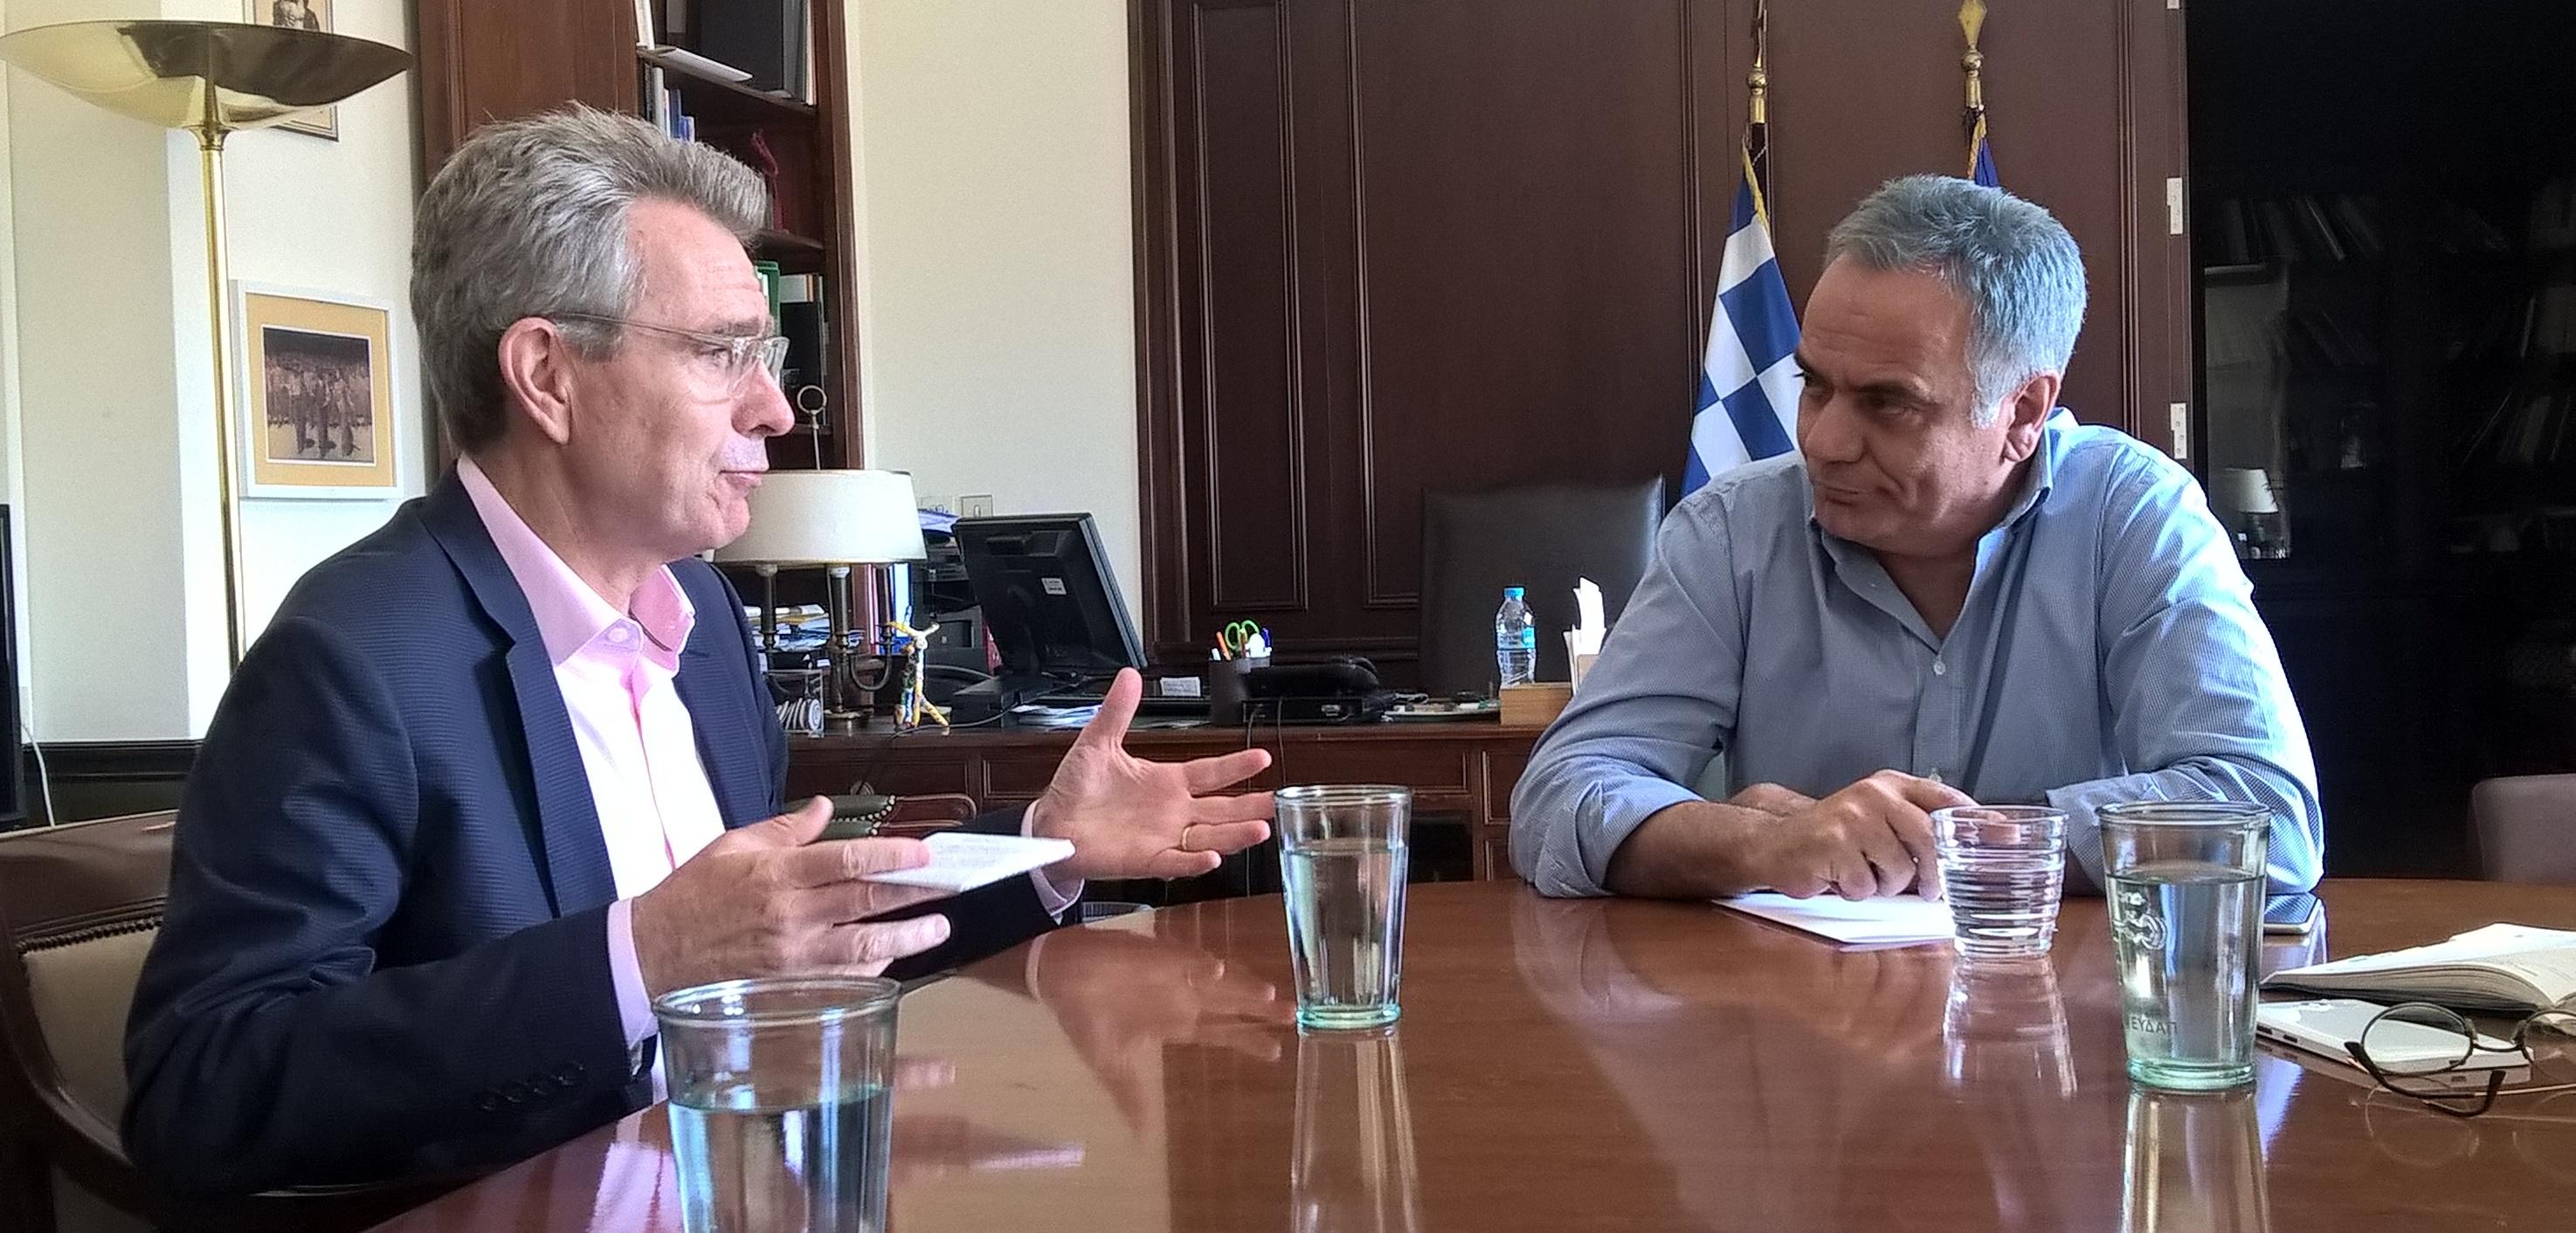 Συνάντηση του Υπουργού Εσωτερικών με τον Πρέσβη των ΗΠΑ